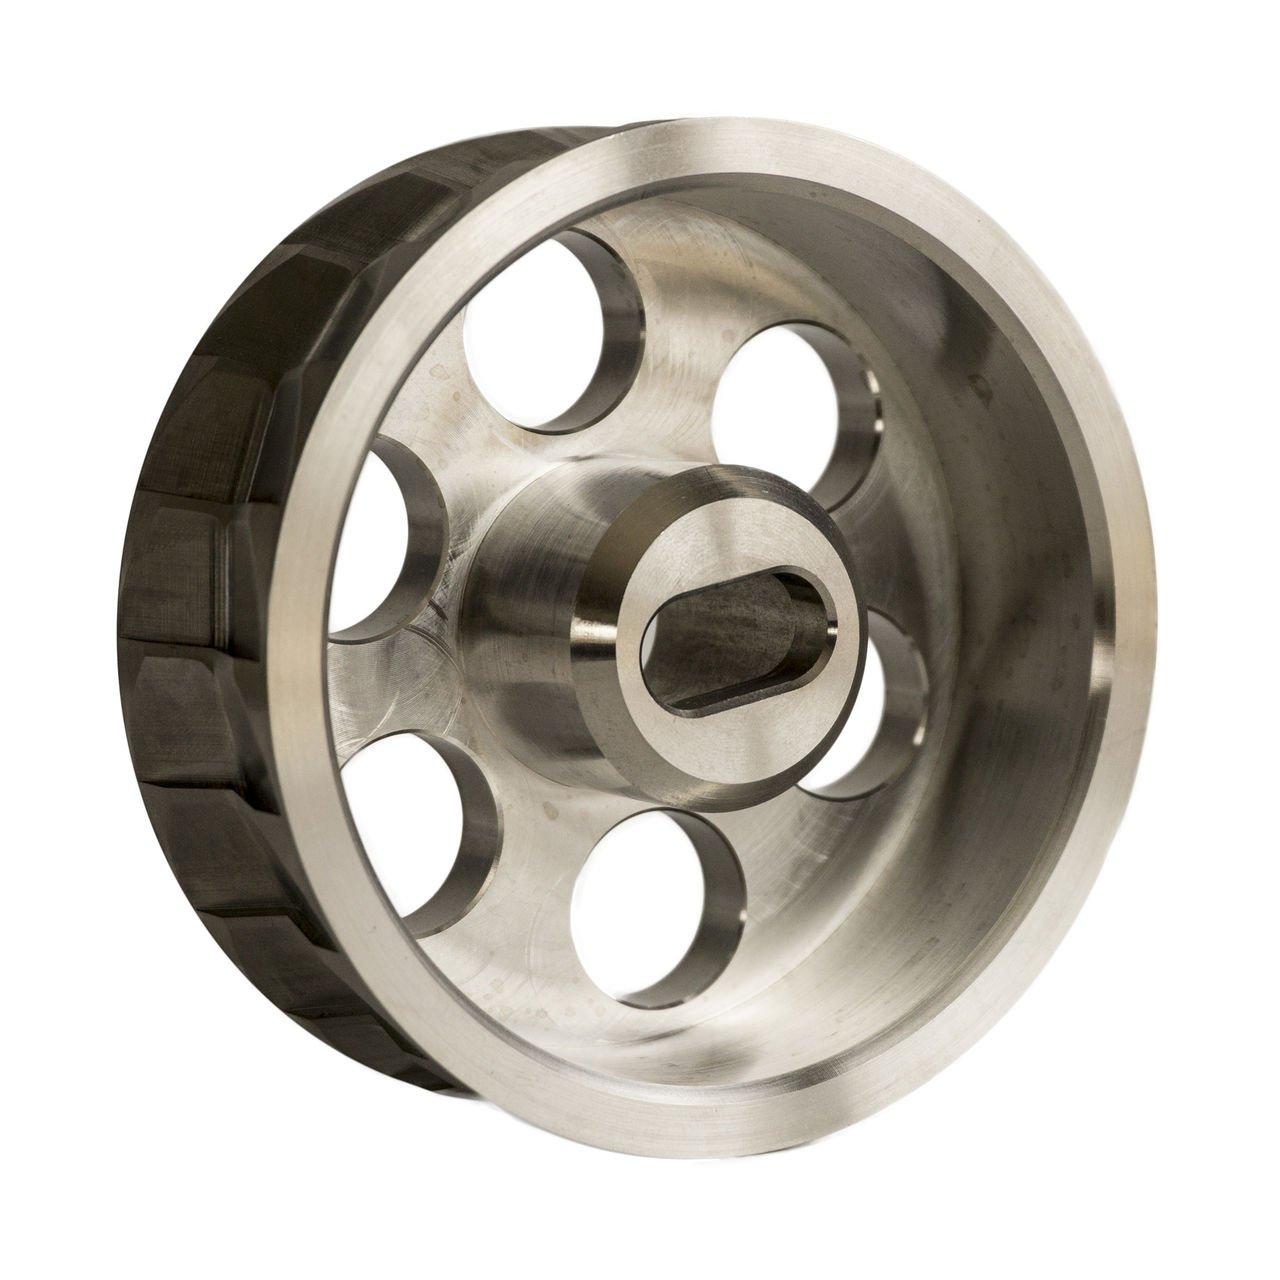 Stone enterprises Townsend linker feed wheels